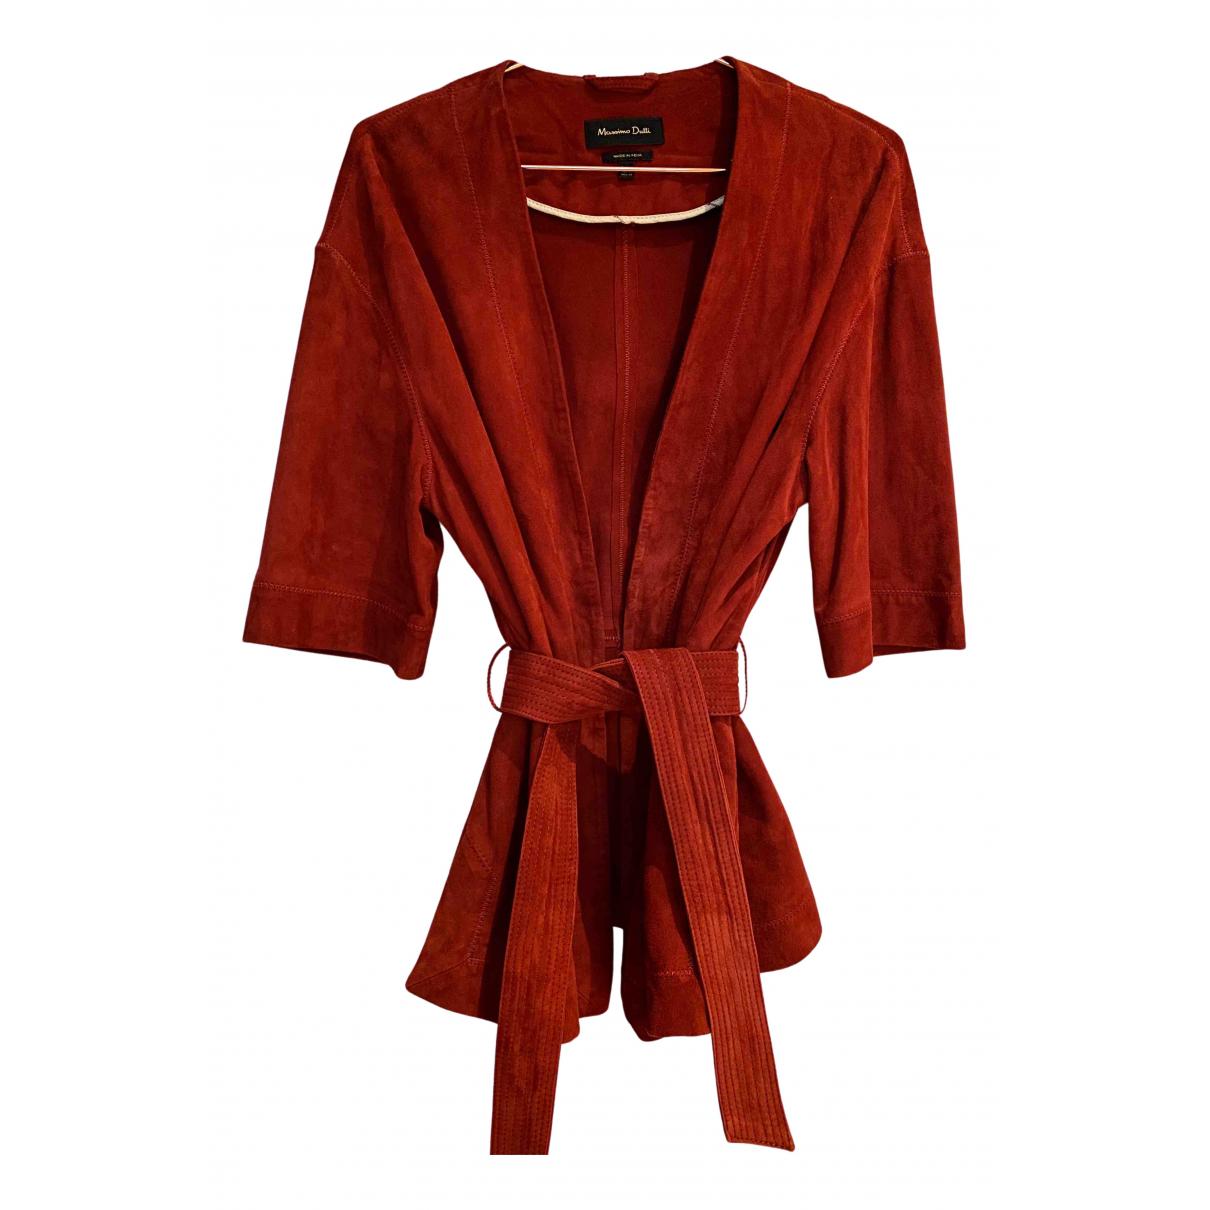 Massimo Dutti - Veste   pour femme en cuir - rouge